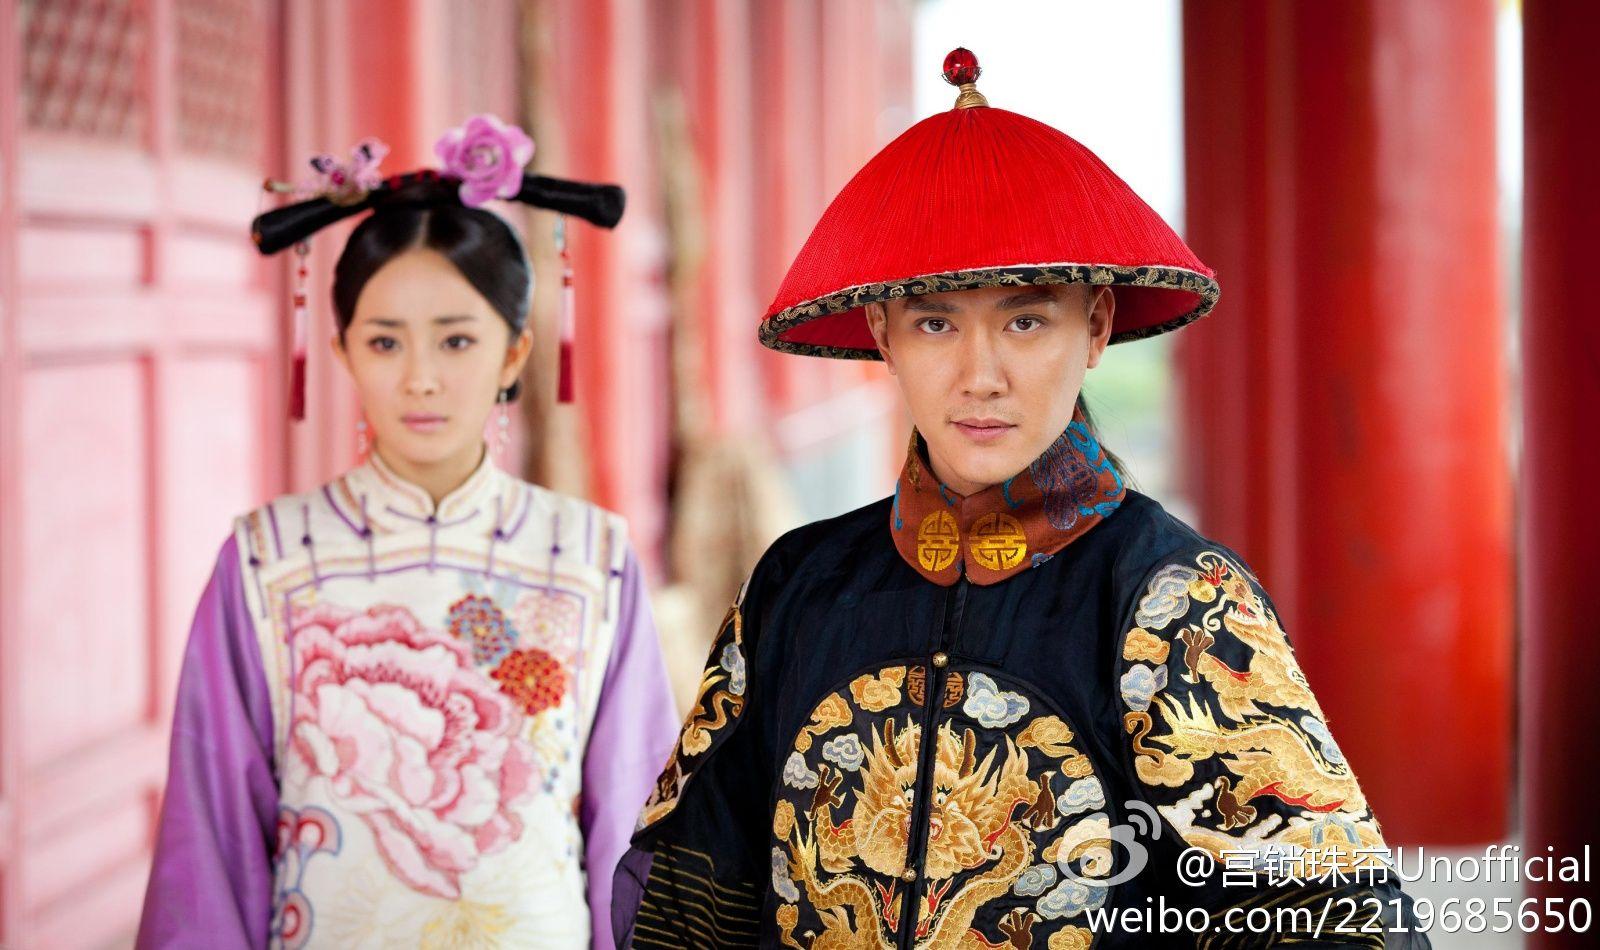 Phim Trung Quốc đấu đá hậu cung - Cung Tỏa Tâm Ngọc – The Locked Heart Jade